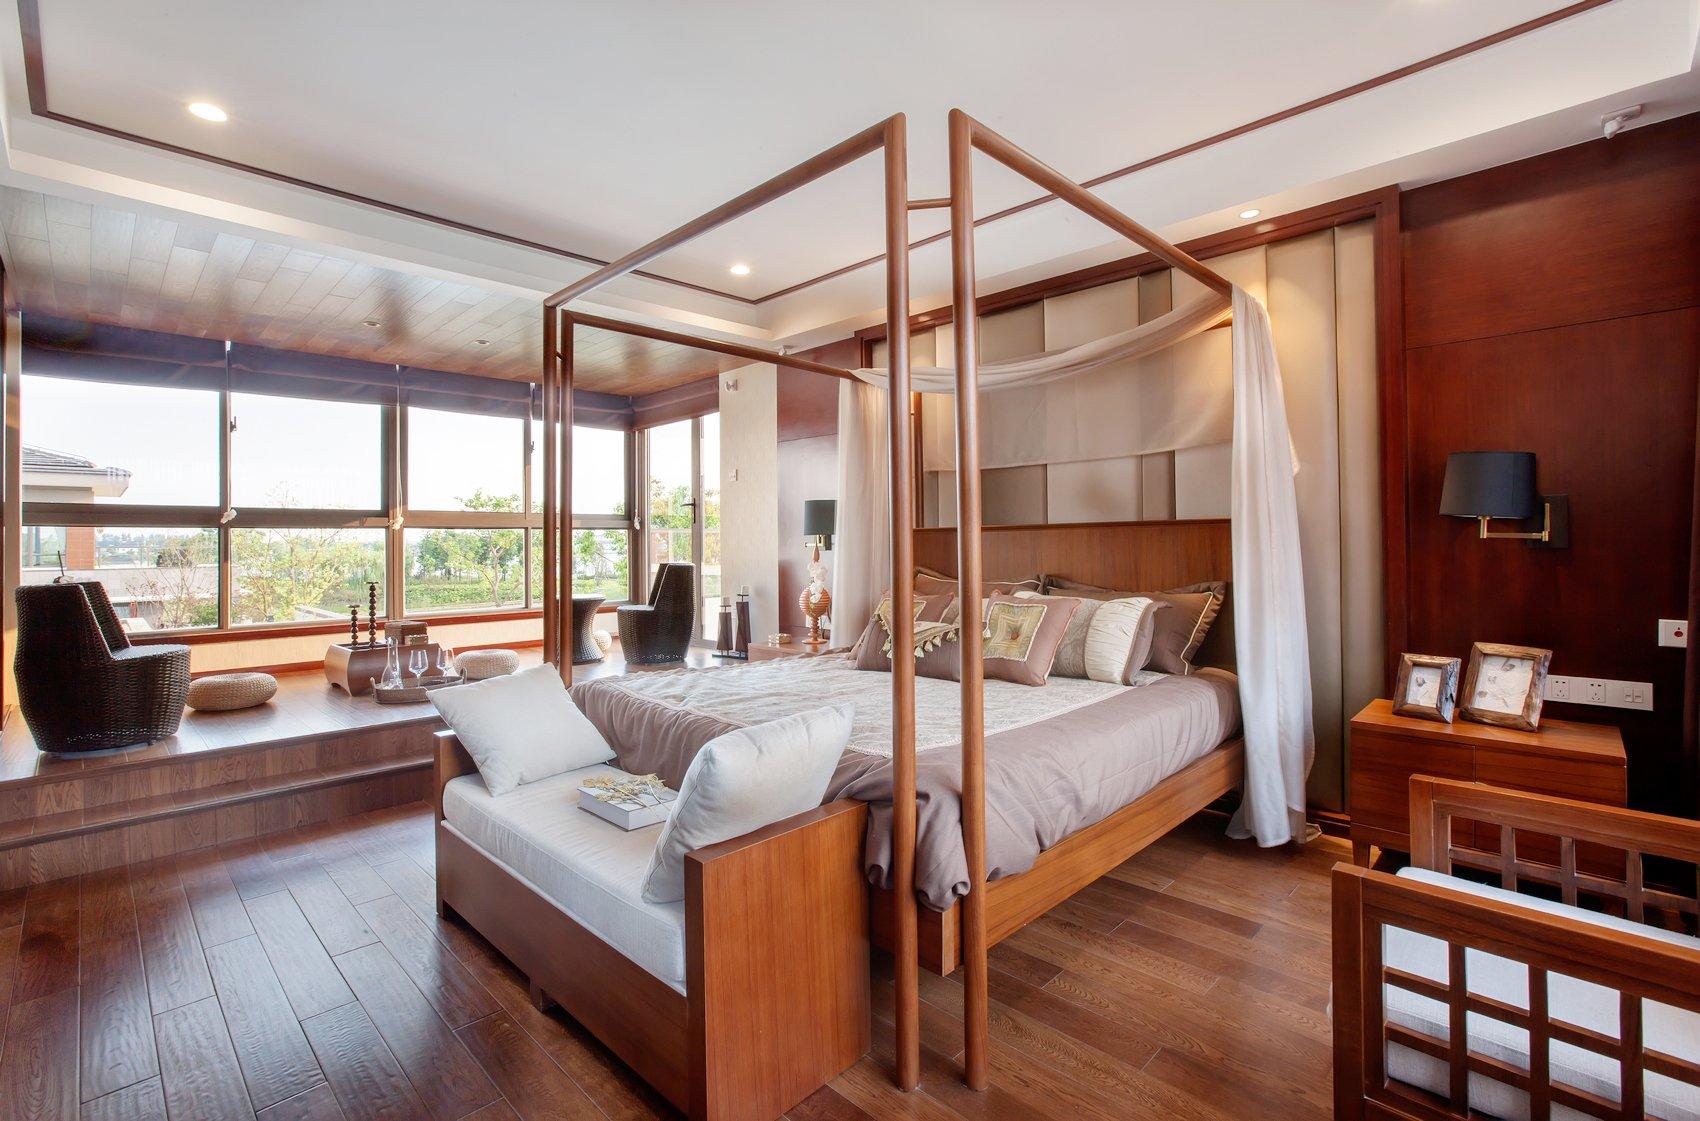 東南亞風格別墅臥室家具裝修效果圖